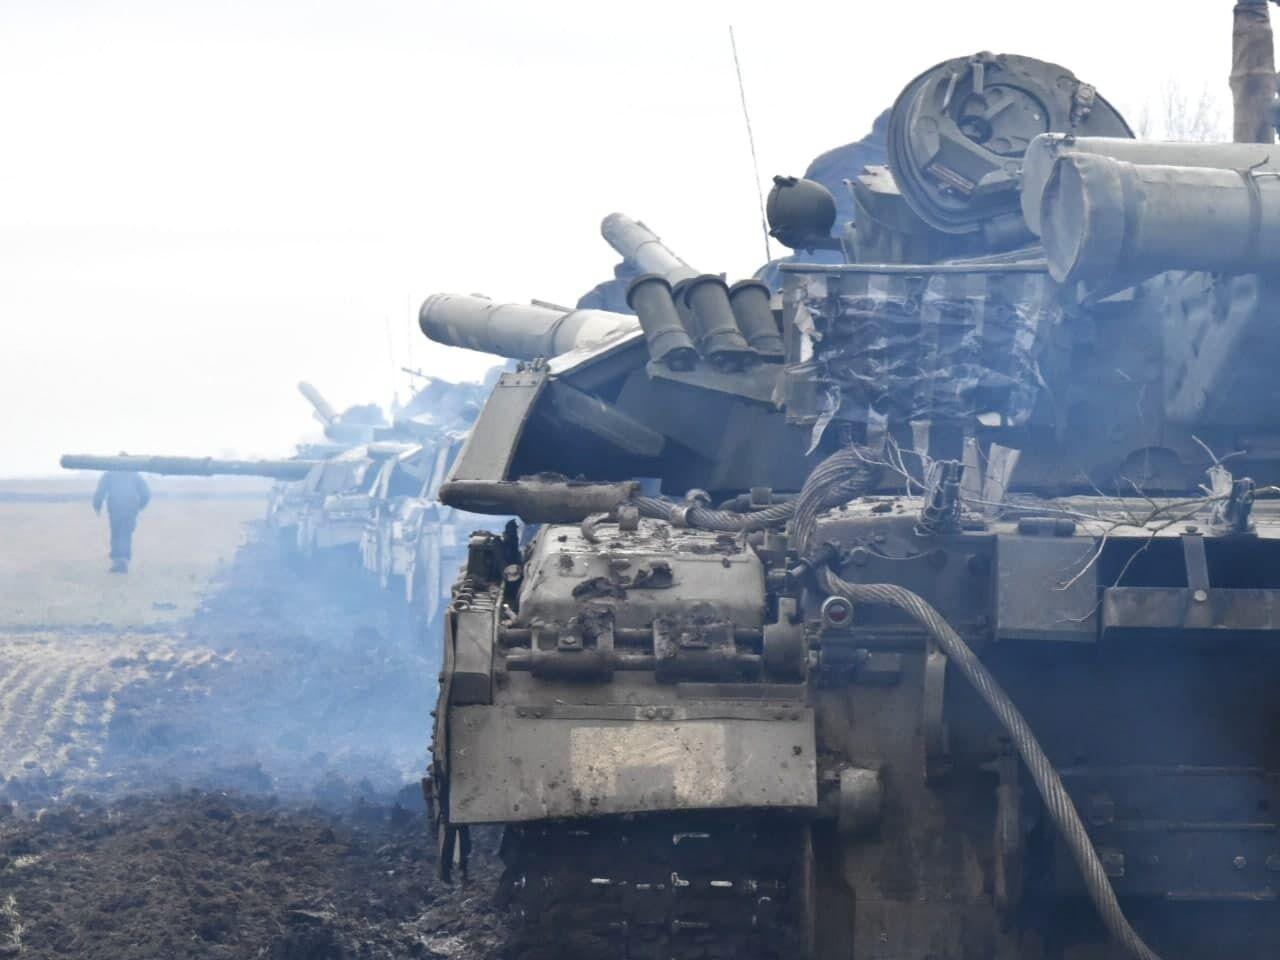 Танкові резерви ЗСУ на навчаннях протидіяли спробі прориву лінії оборони